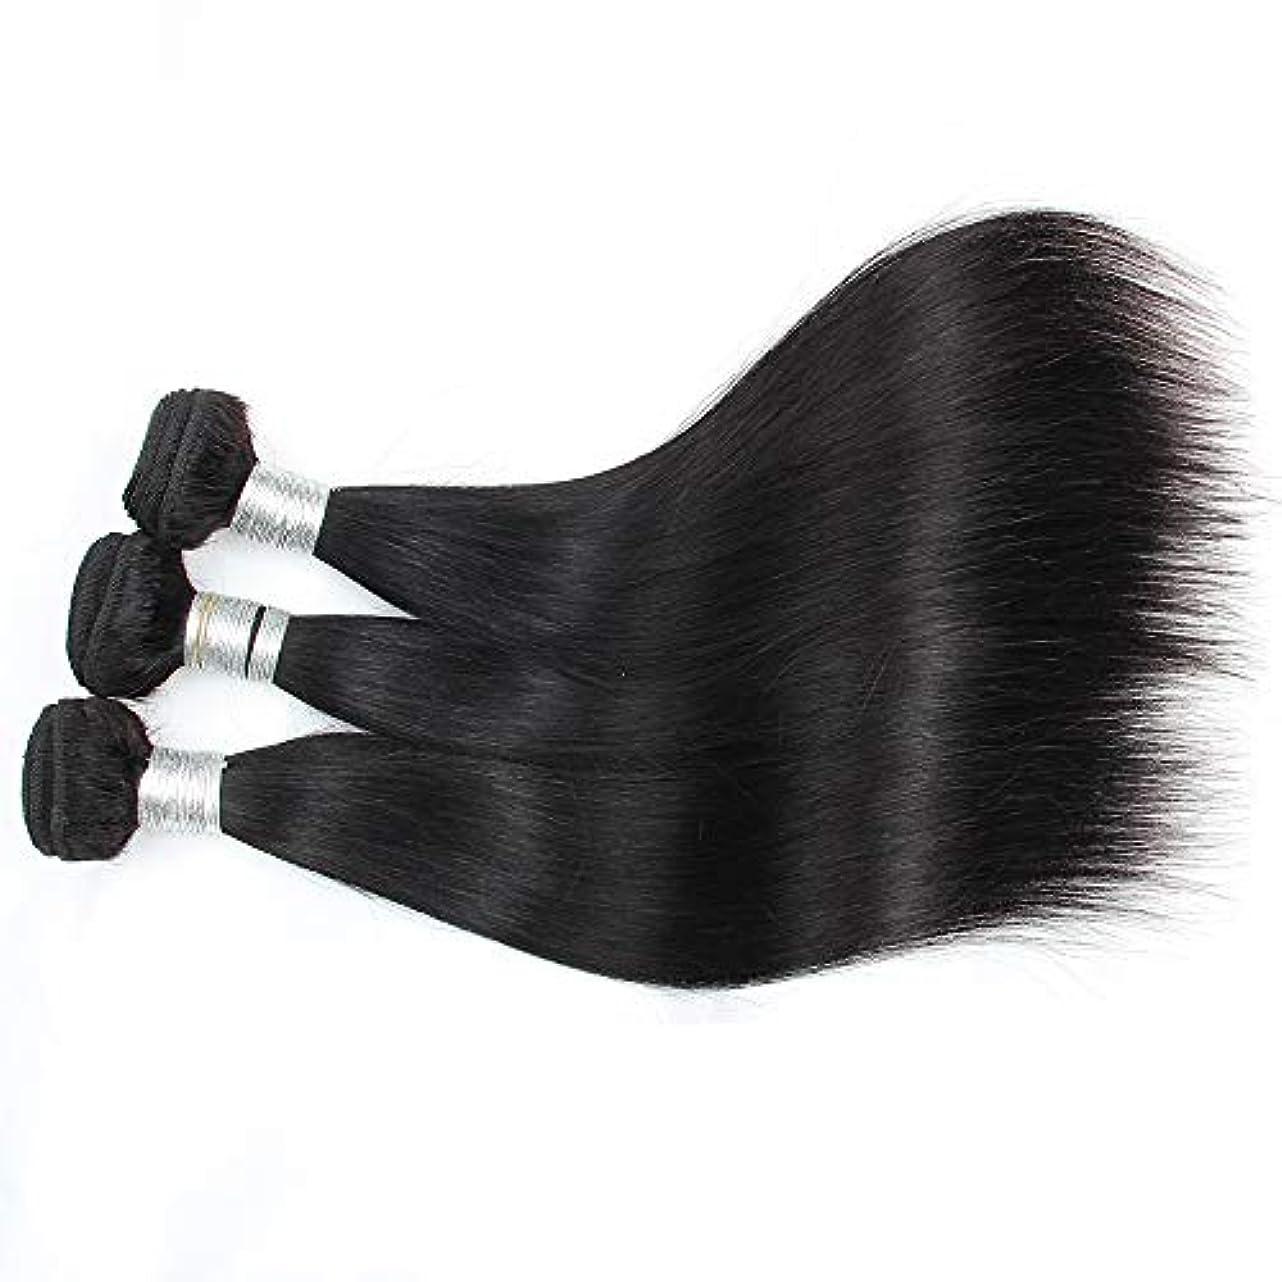 混乱海岸ロッカーHOHYLLYA ブラジルの人間の髪織り1バンドル100%人毛エクステンションナチュラルブラックカラー横糸10-28インチロングストレートヘアウィッグウィッグ (色 : 黒, サイズ : 10 inch)